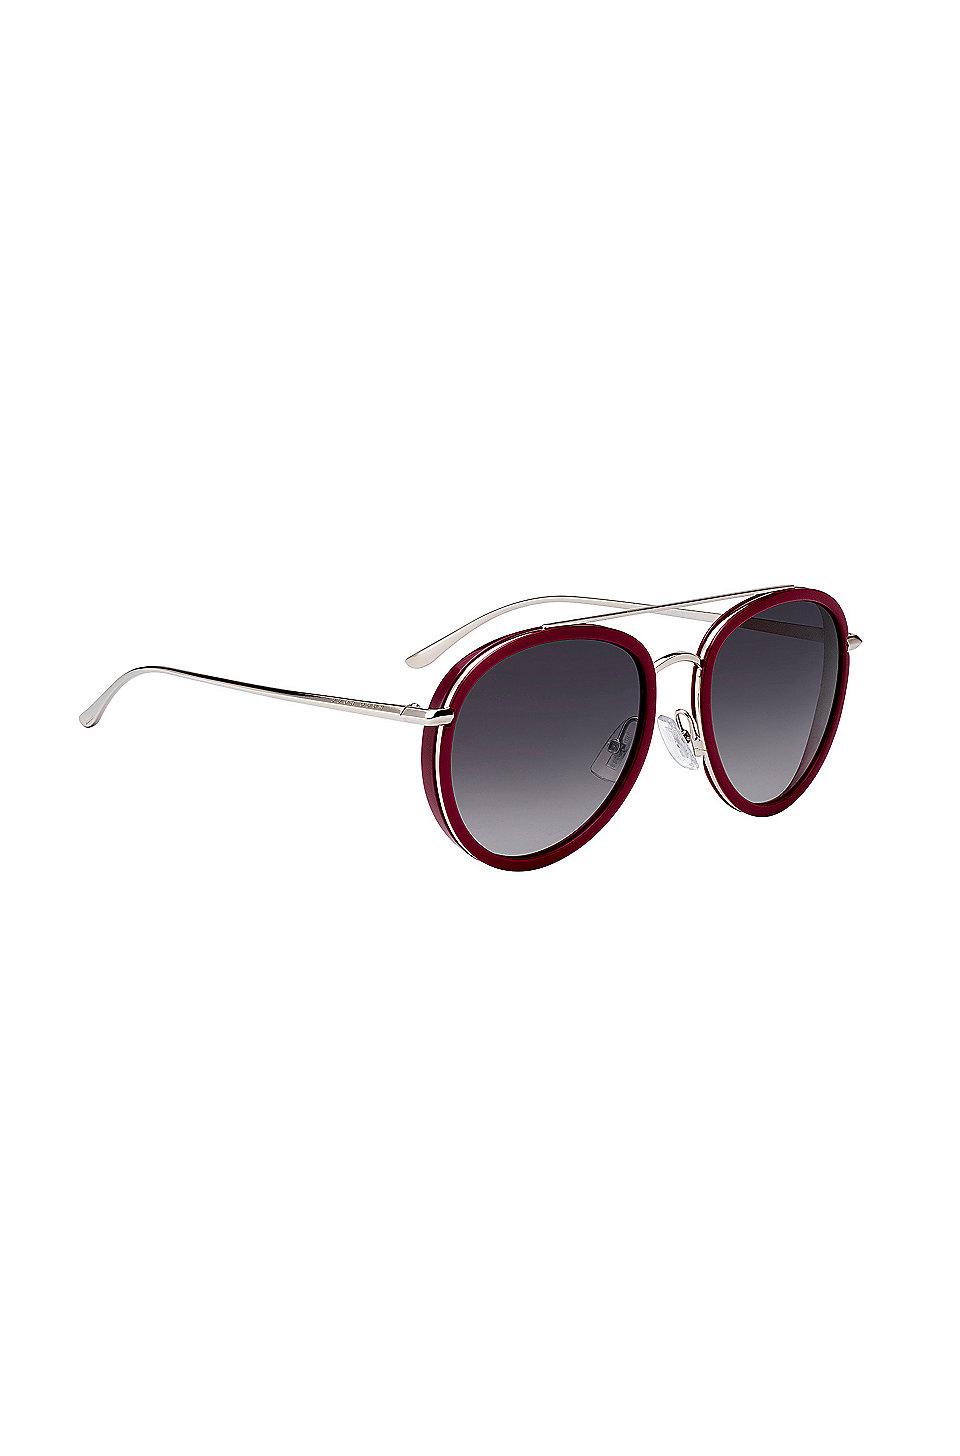 Sonnenbrille 'BOSS 0662/S' aus Acetat Yc6vSrX3yX